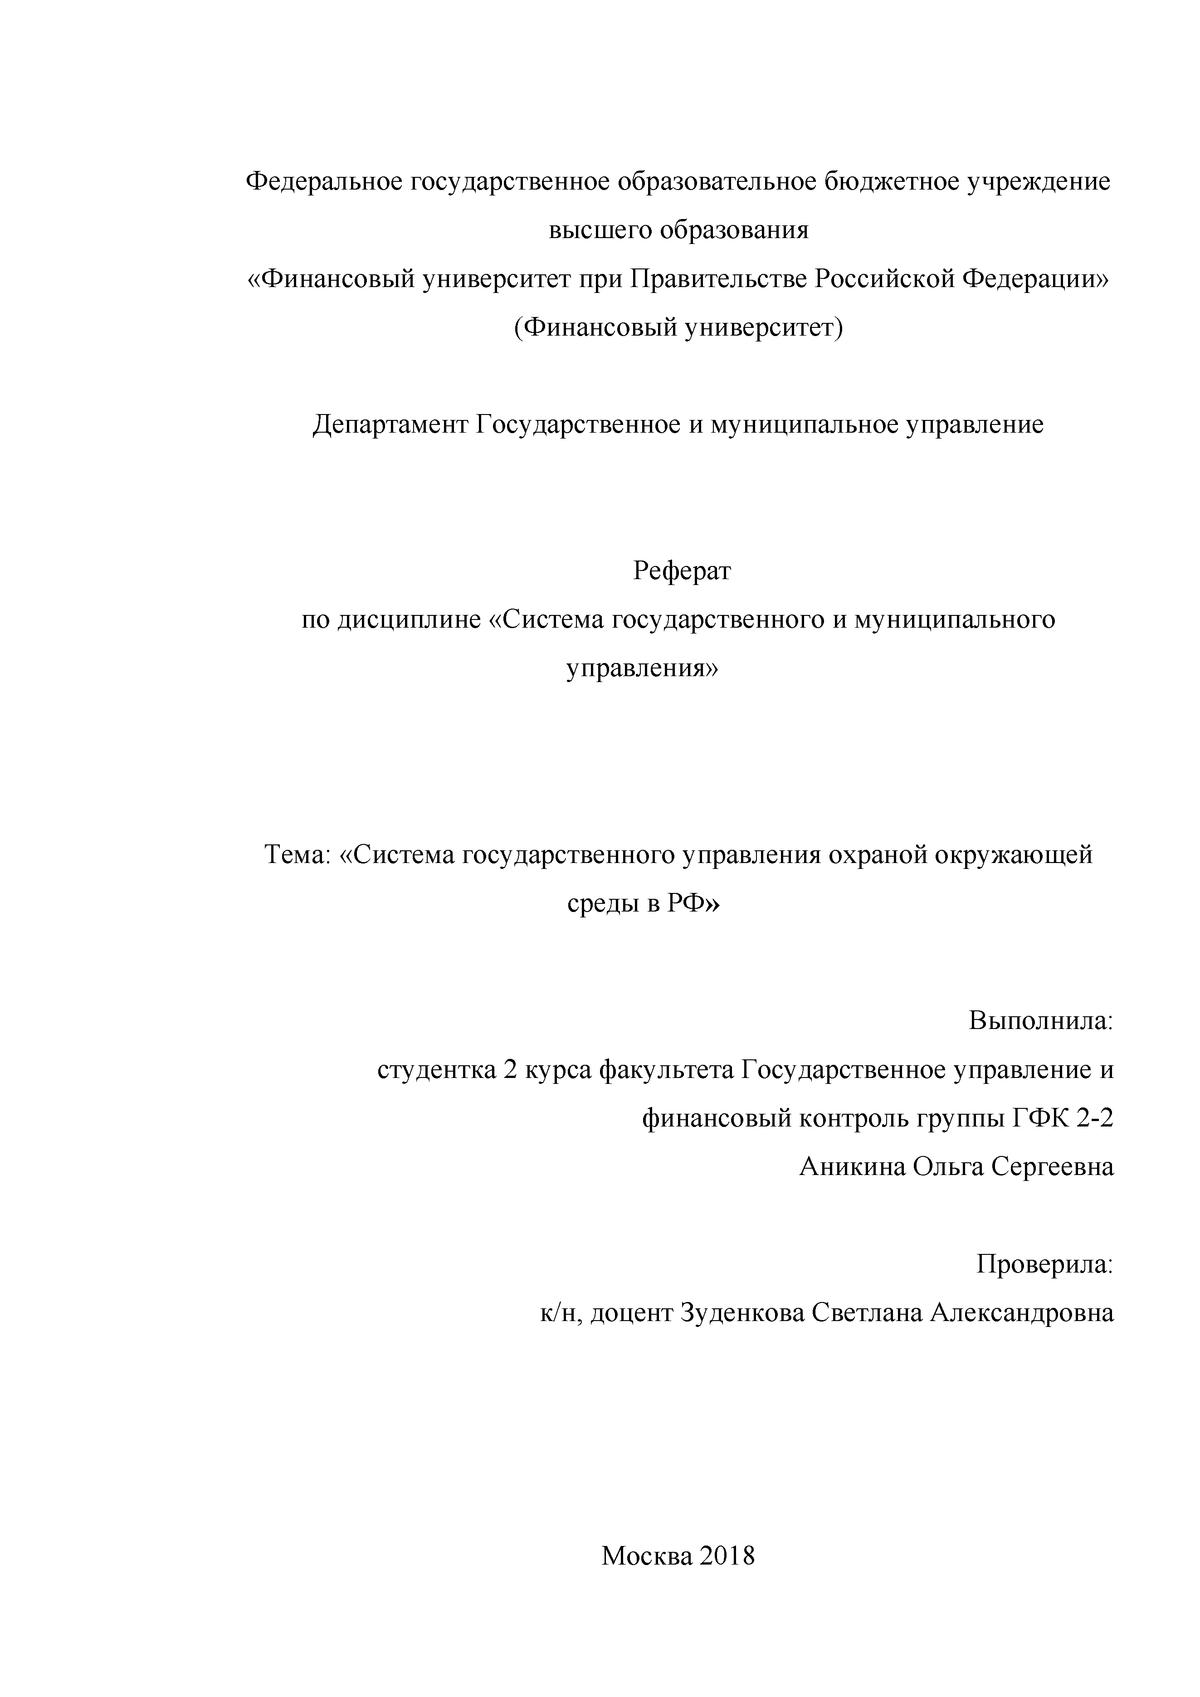 Муниципальное и государственное управление реферат 2844